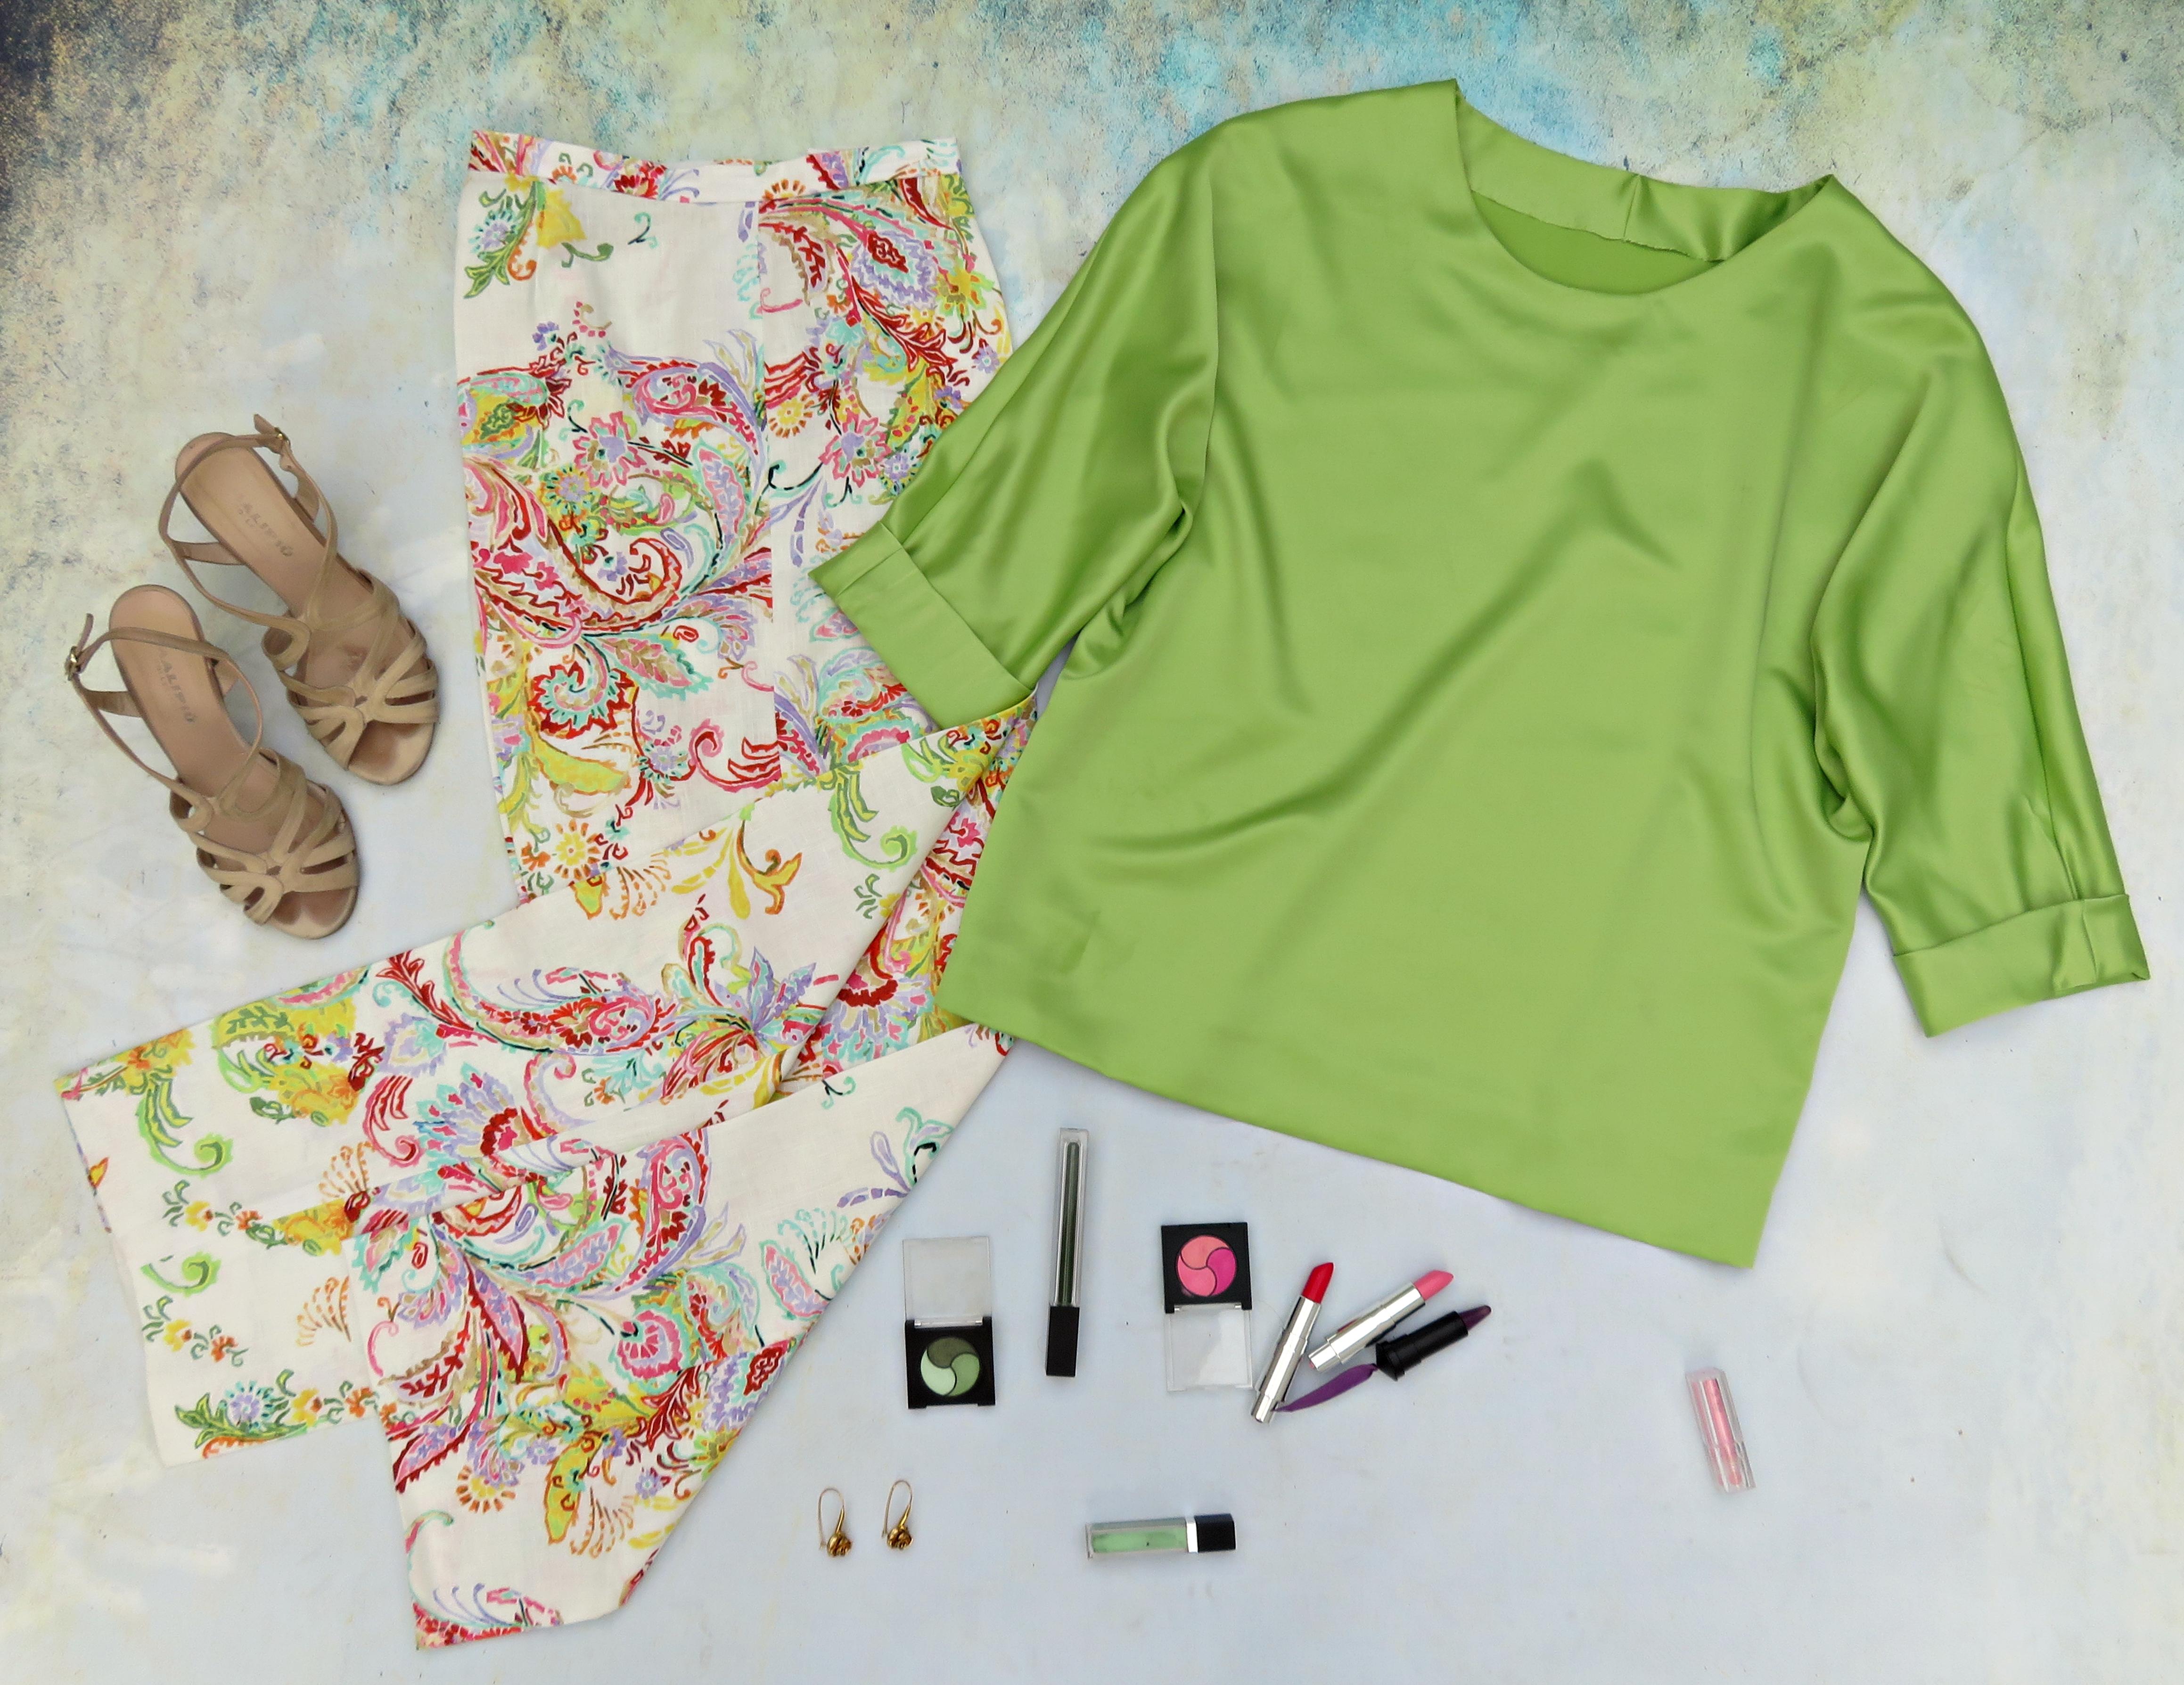 Blusón verde pantalón flores 2